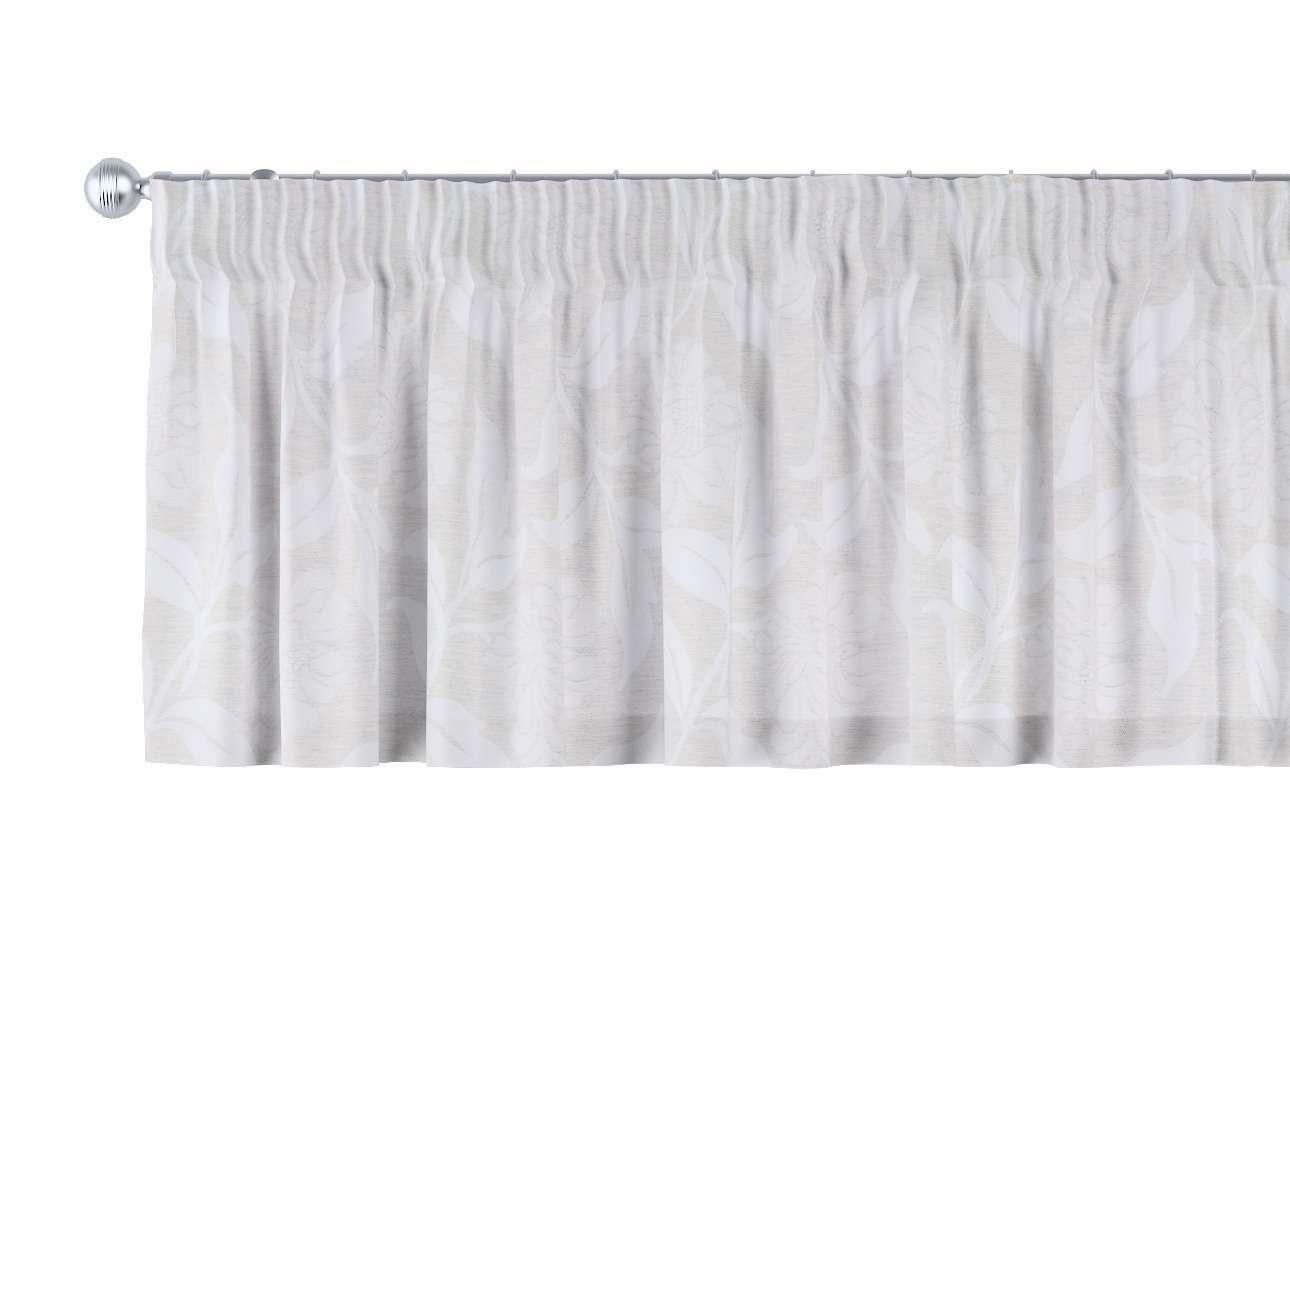 Krátky záves na riasiacej páske V kolekcii Venice, tkanina: 140-51